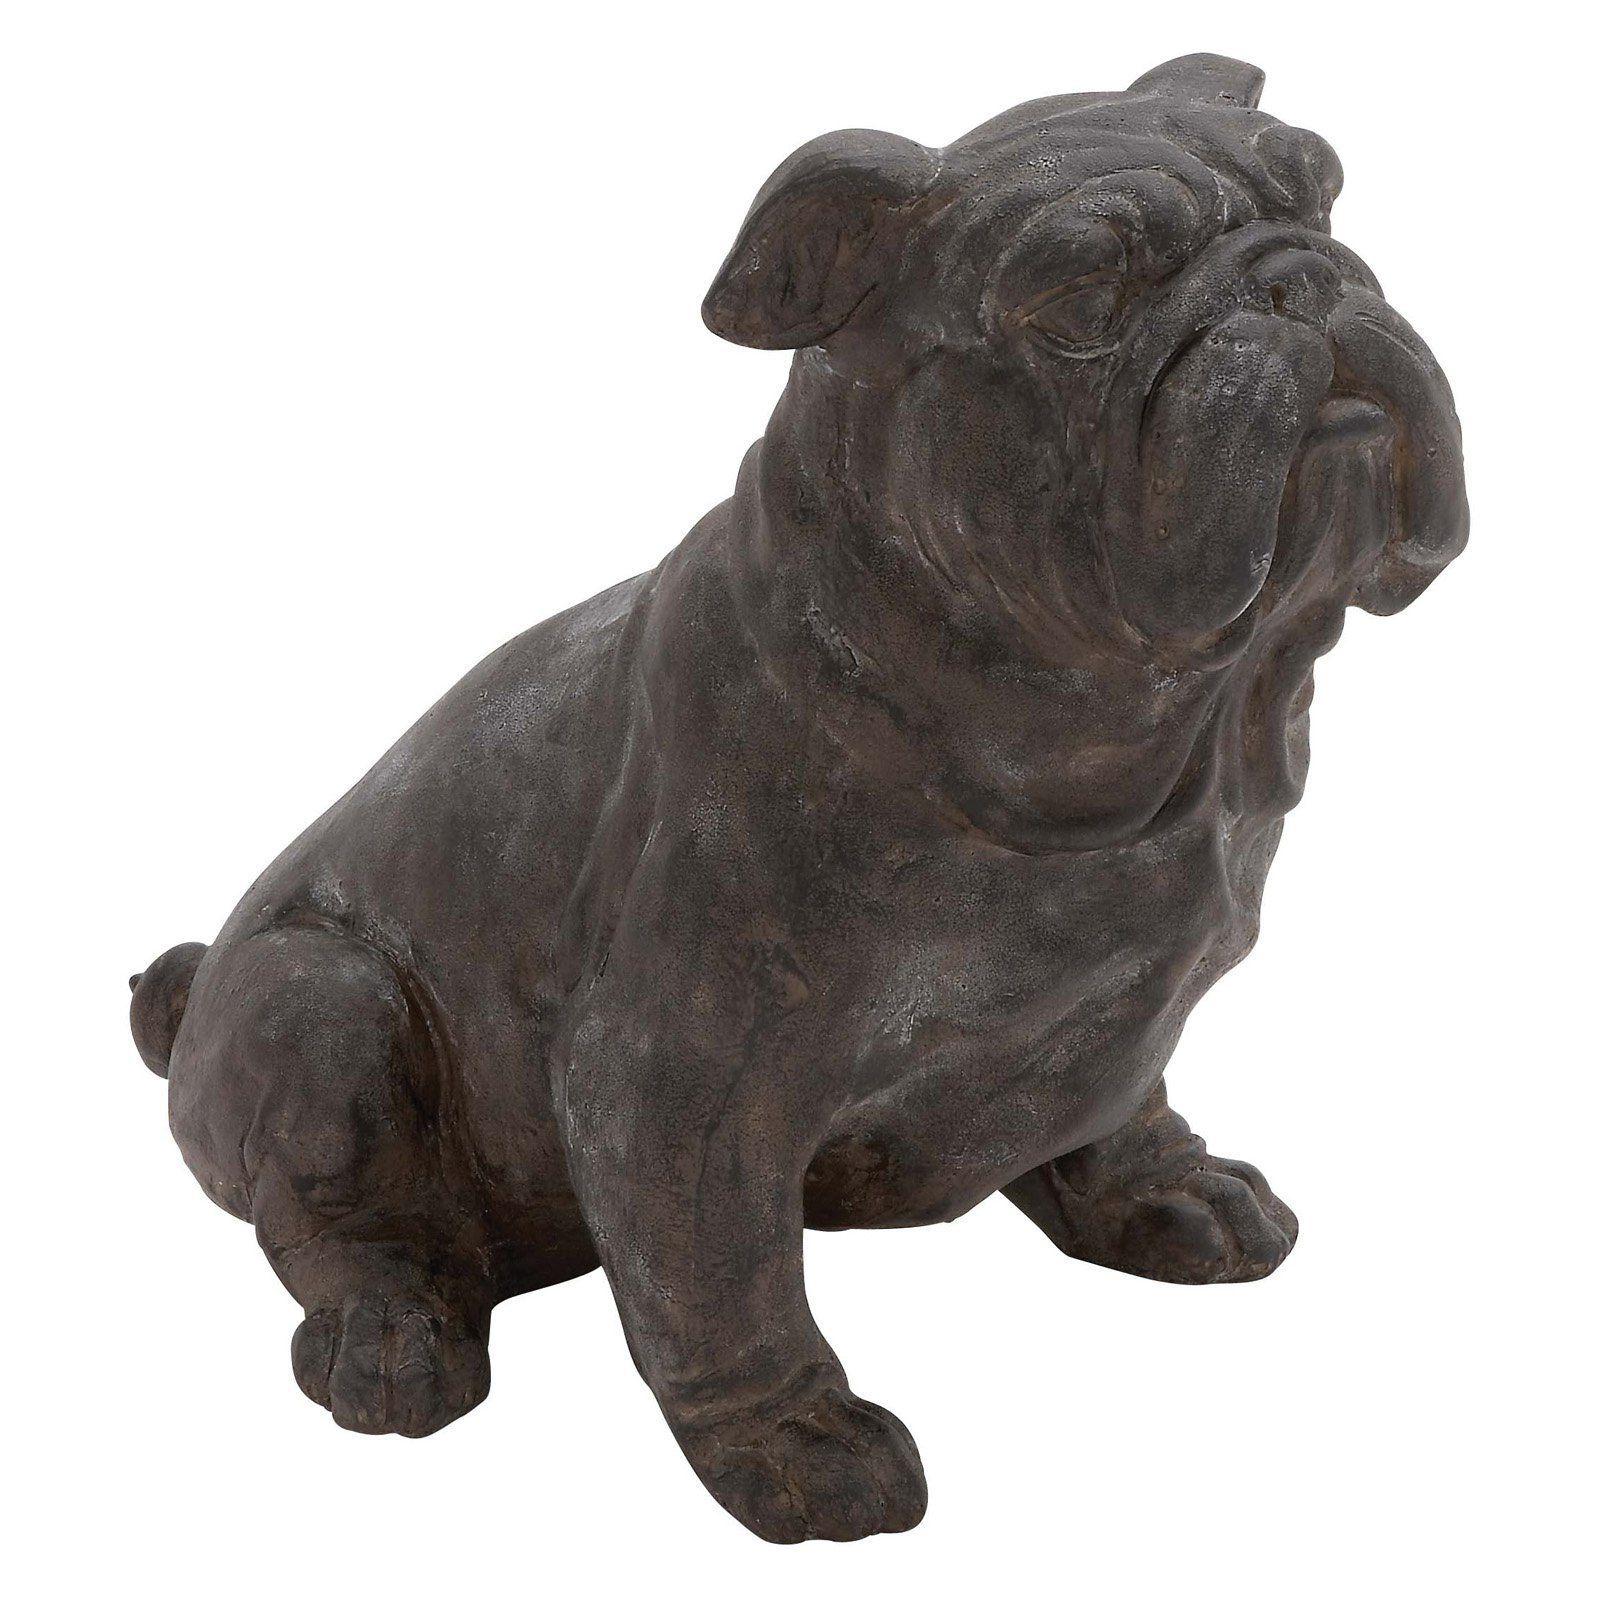 DecMode Bull Dog Sculpture 44718 Dog sculpture